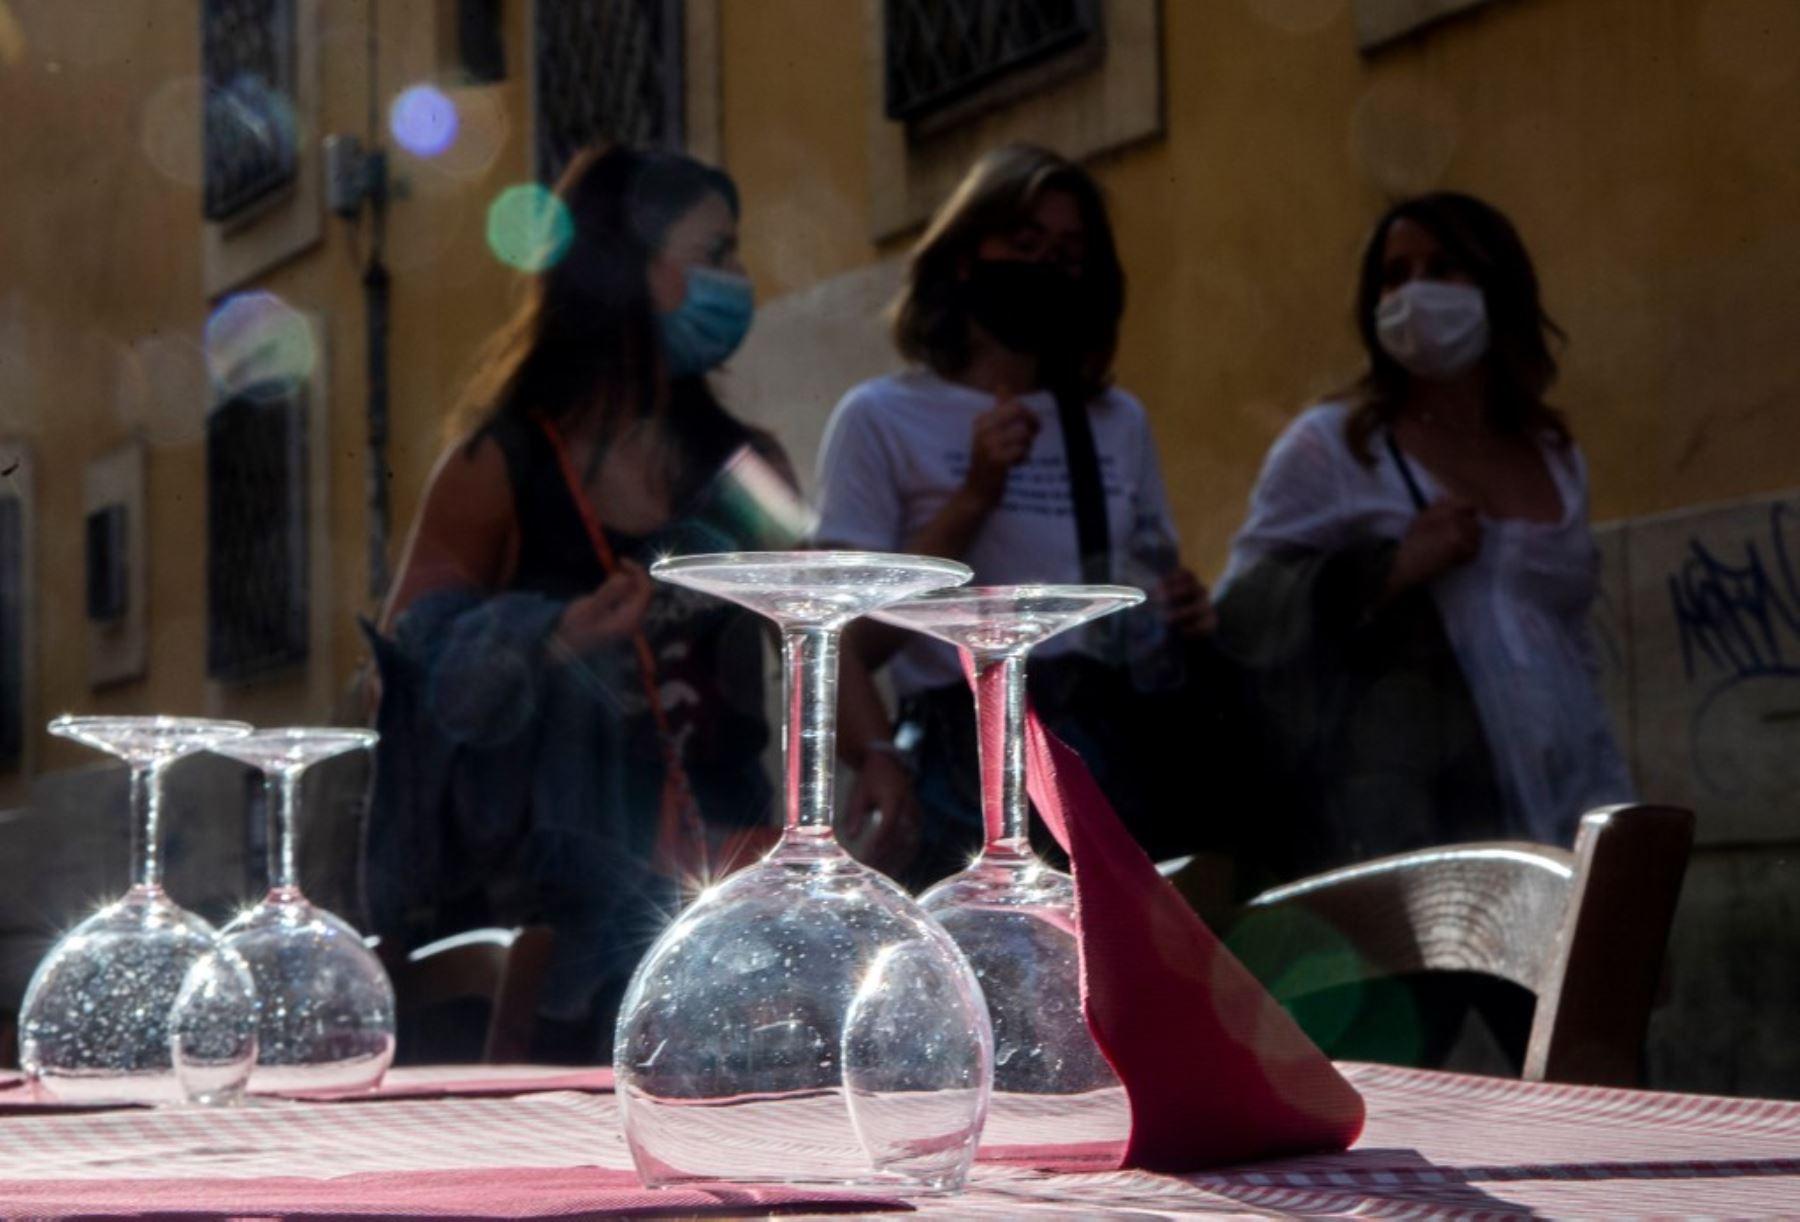 Un grupo de mujeres que llevan máscaras protectoras pasan junto a la terraza de un restaurante en Trastevere, en el centro de Roma. Foto: AFP